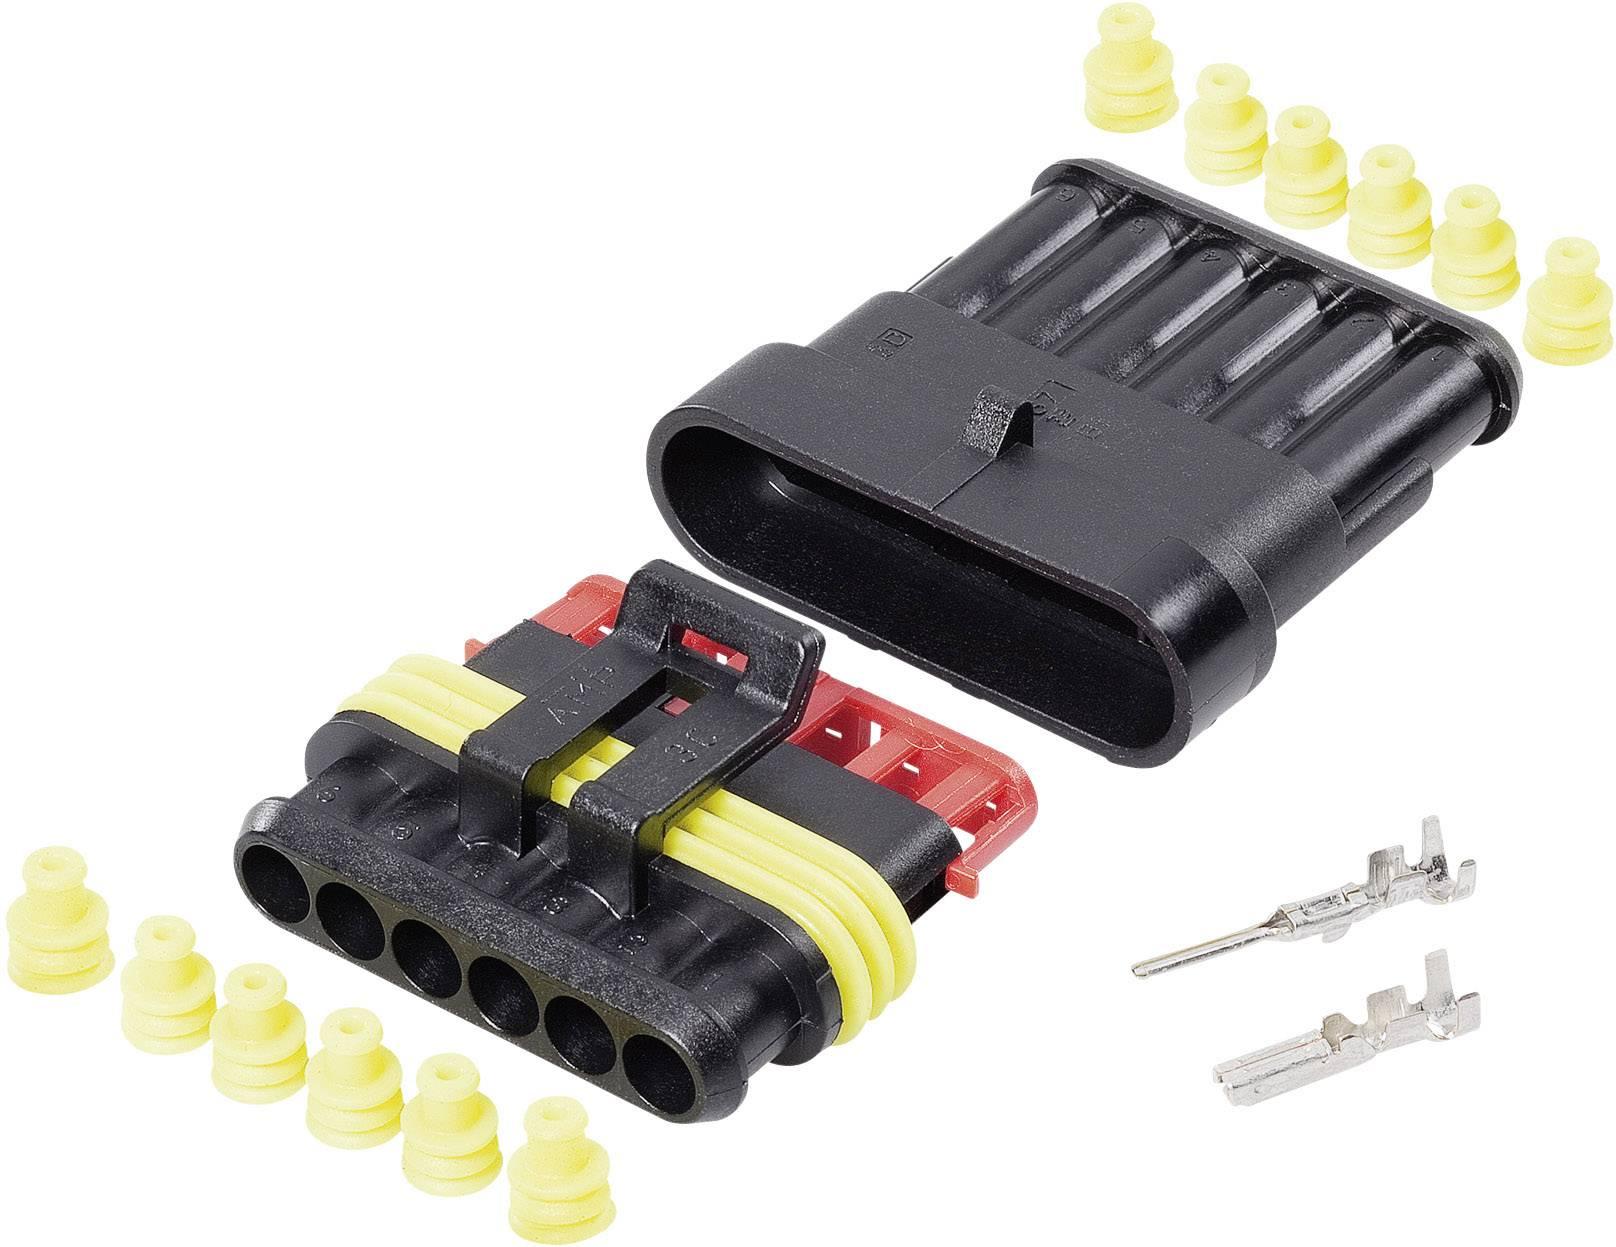 Sada konektorů Superseal TE Connectivity 6, rozteč 6 mm, 1 balení